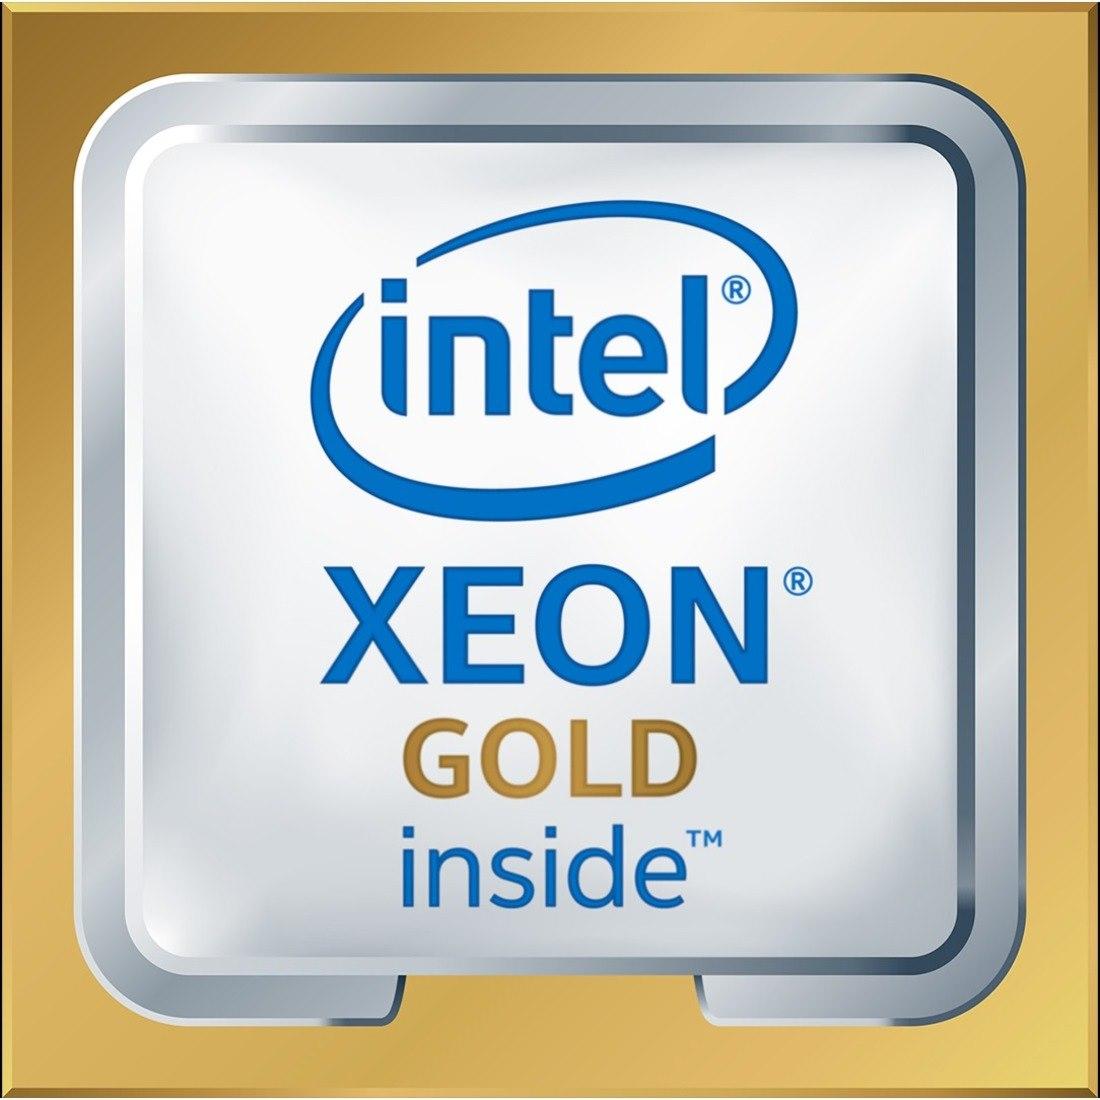 Cisco Intel Xeon 5118 Dodeca-core (12 Core) 2.30 GHz Processor Upgrade